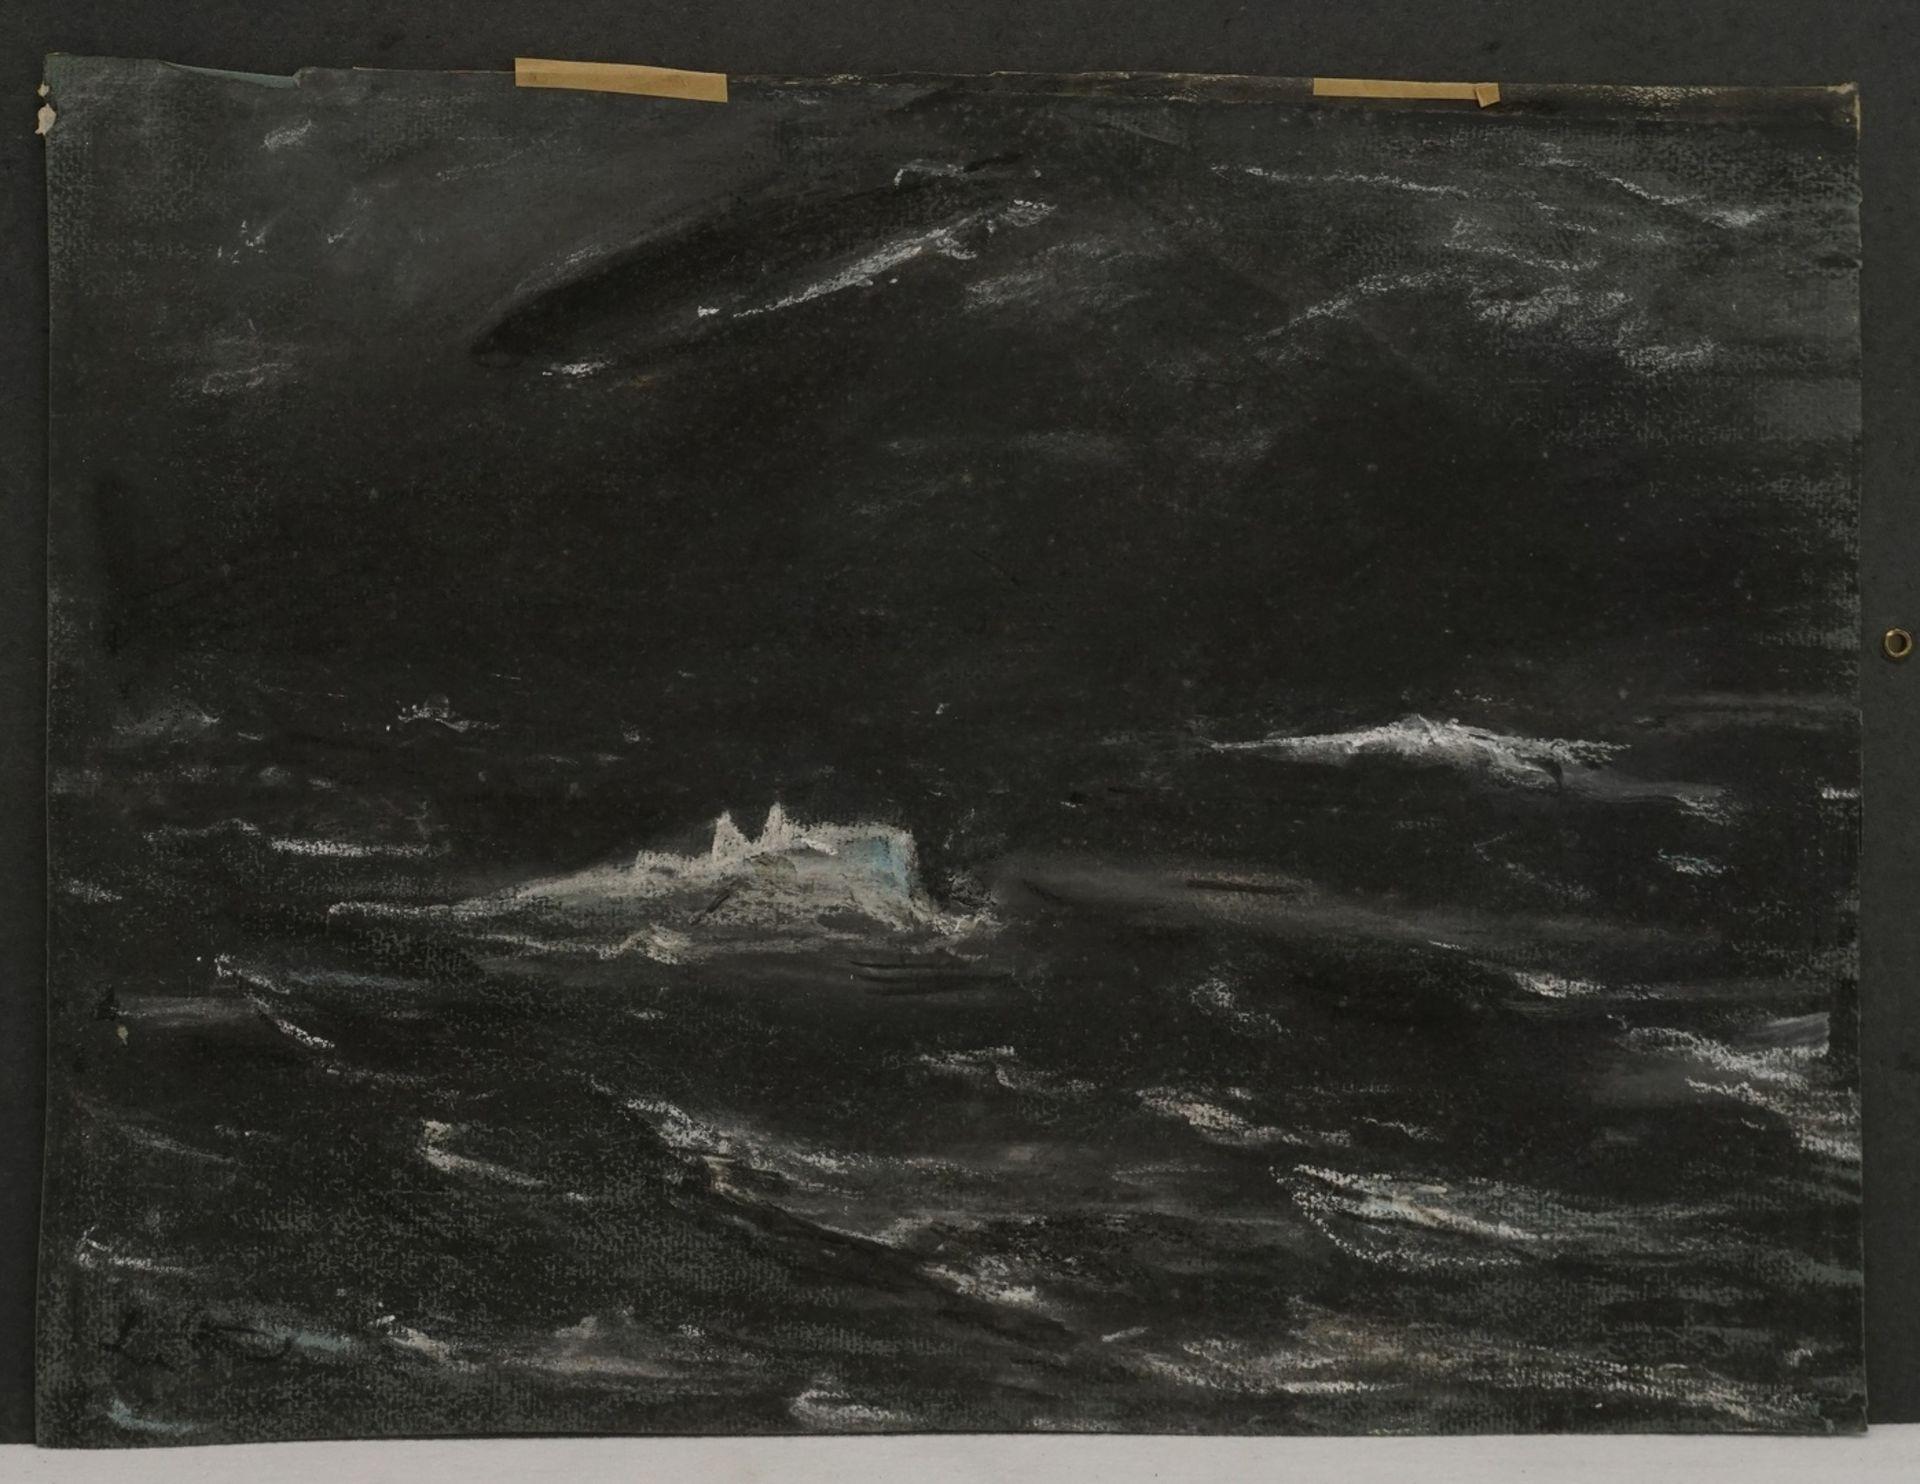 Wohl Ernst-Ludwig von Aster, Abtauchendes U-Boot mit Zeppelin - Bild 3 aus 4